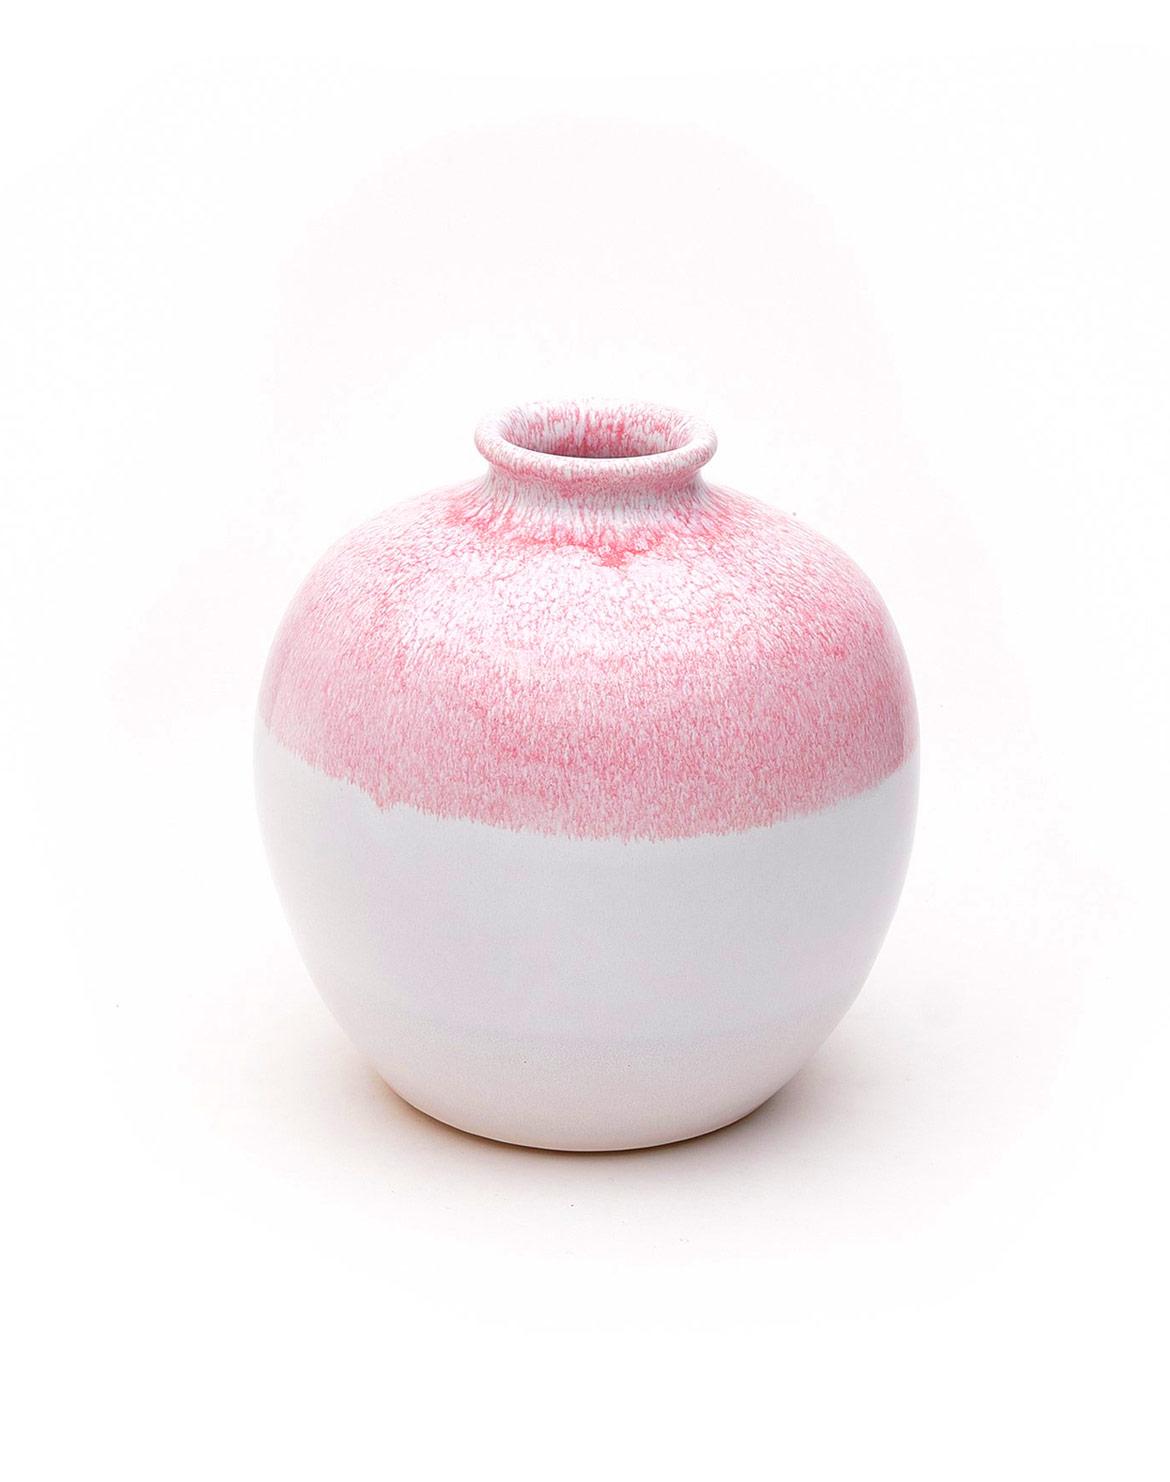 Rosé dipped